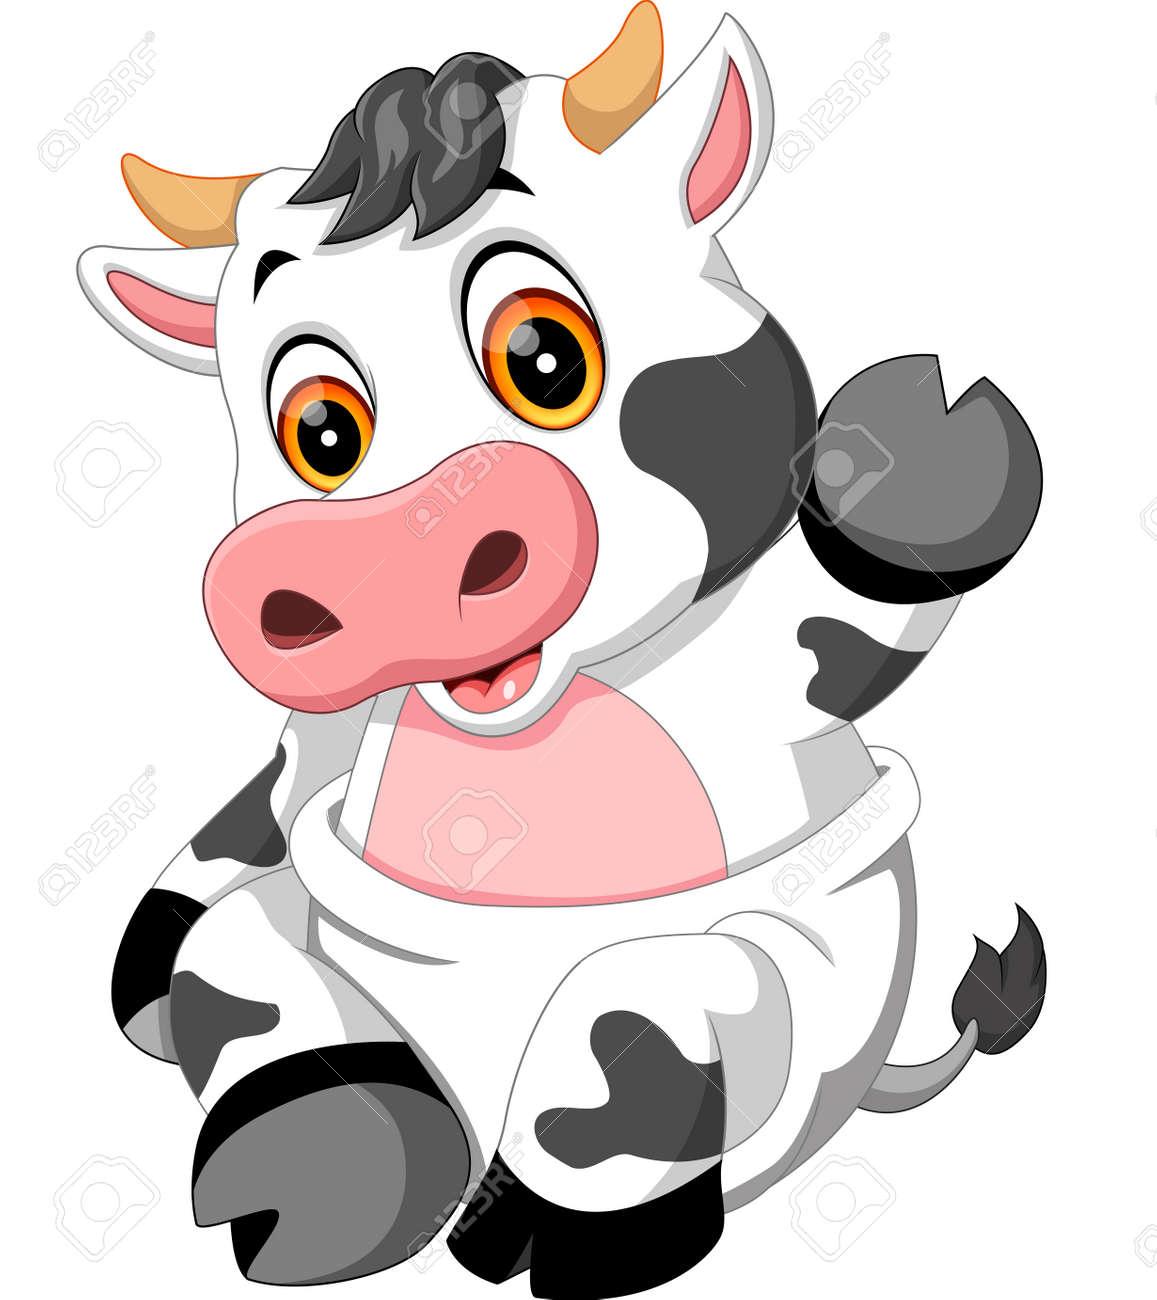 Coloriage Bebe Vache.Bebe Mignon Dessin Anime Vache